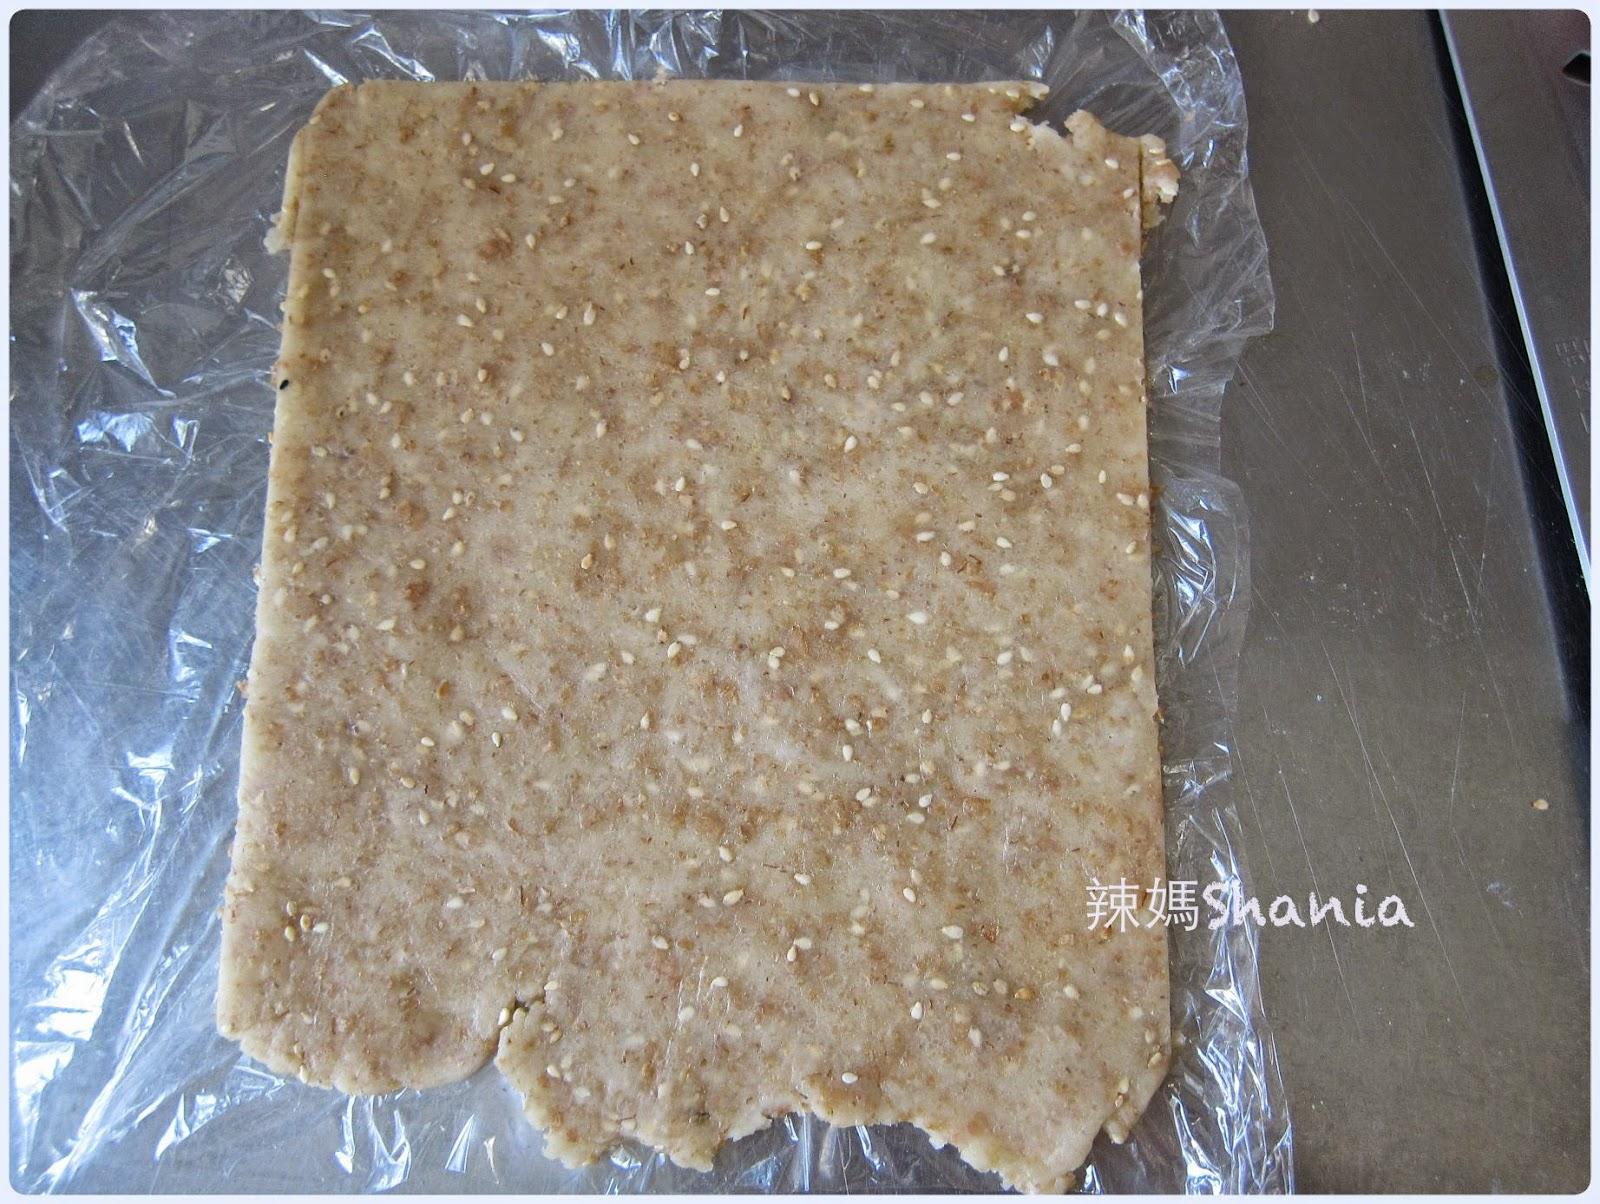 [無蛋無奶油] 有方塊酥口感的 白芝麻味噌餅乾